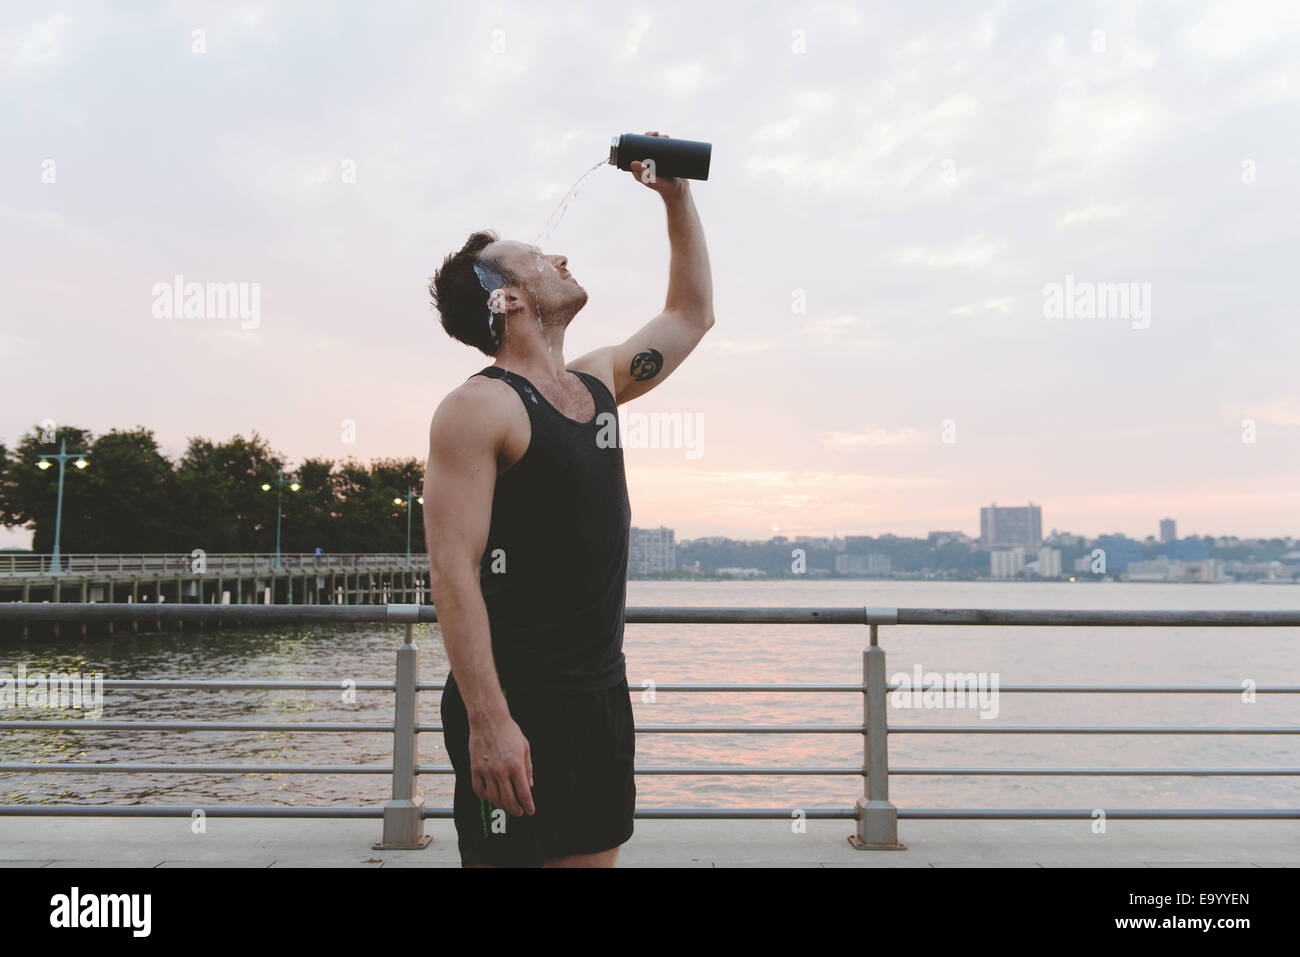 Junge männliche Läufer gießen Wasser über sein Gesicht am Ufer bei Sonnenaufgang Stockbild